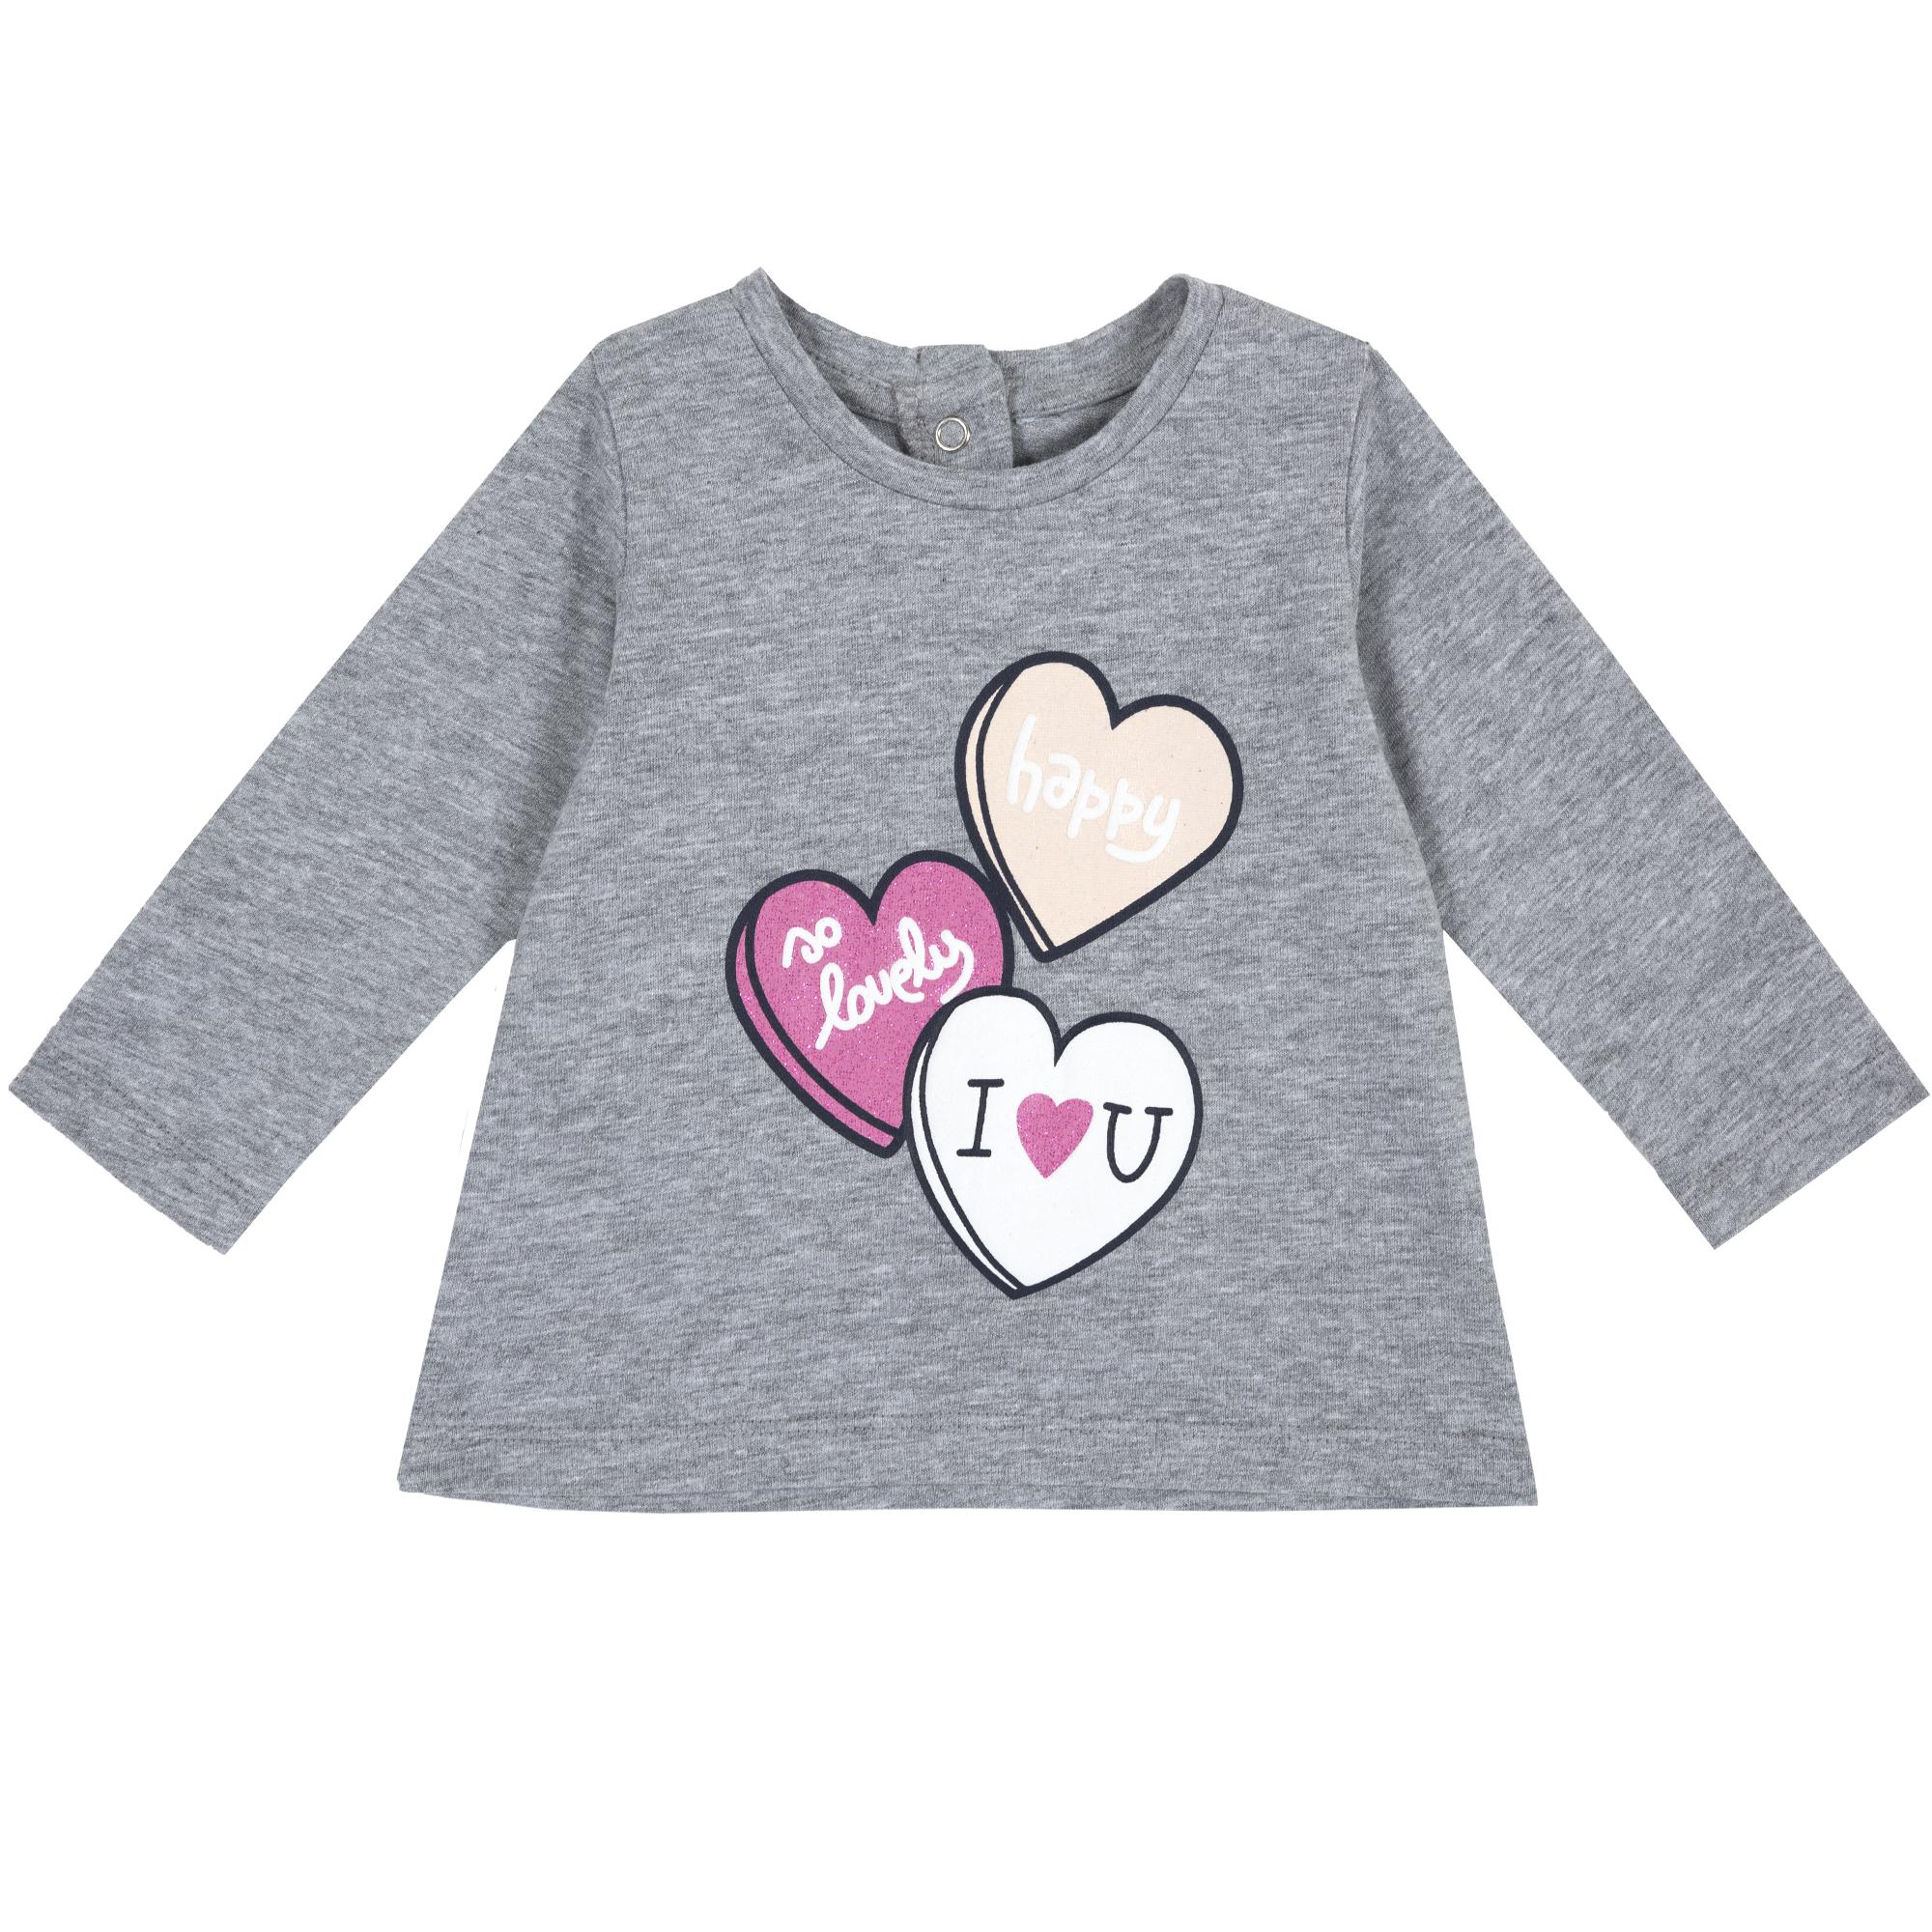 T-shirt Comprida Cinza – 9,99€